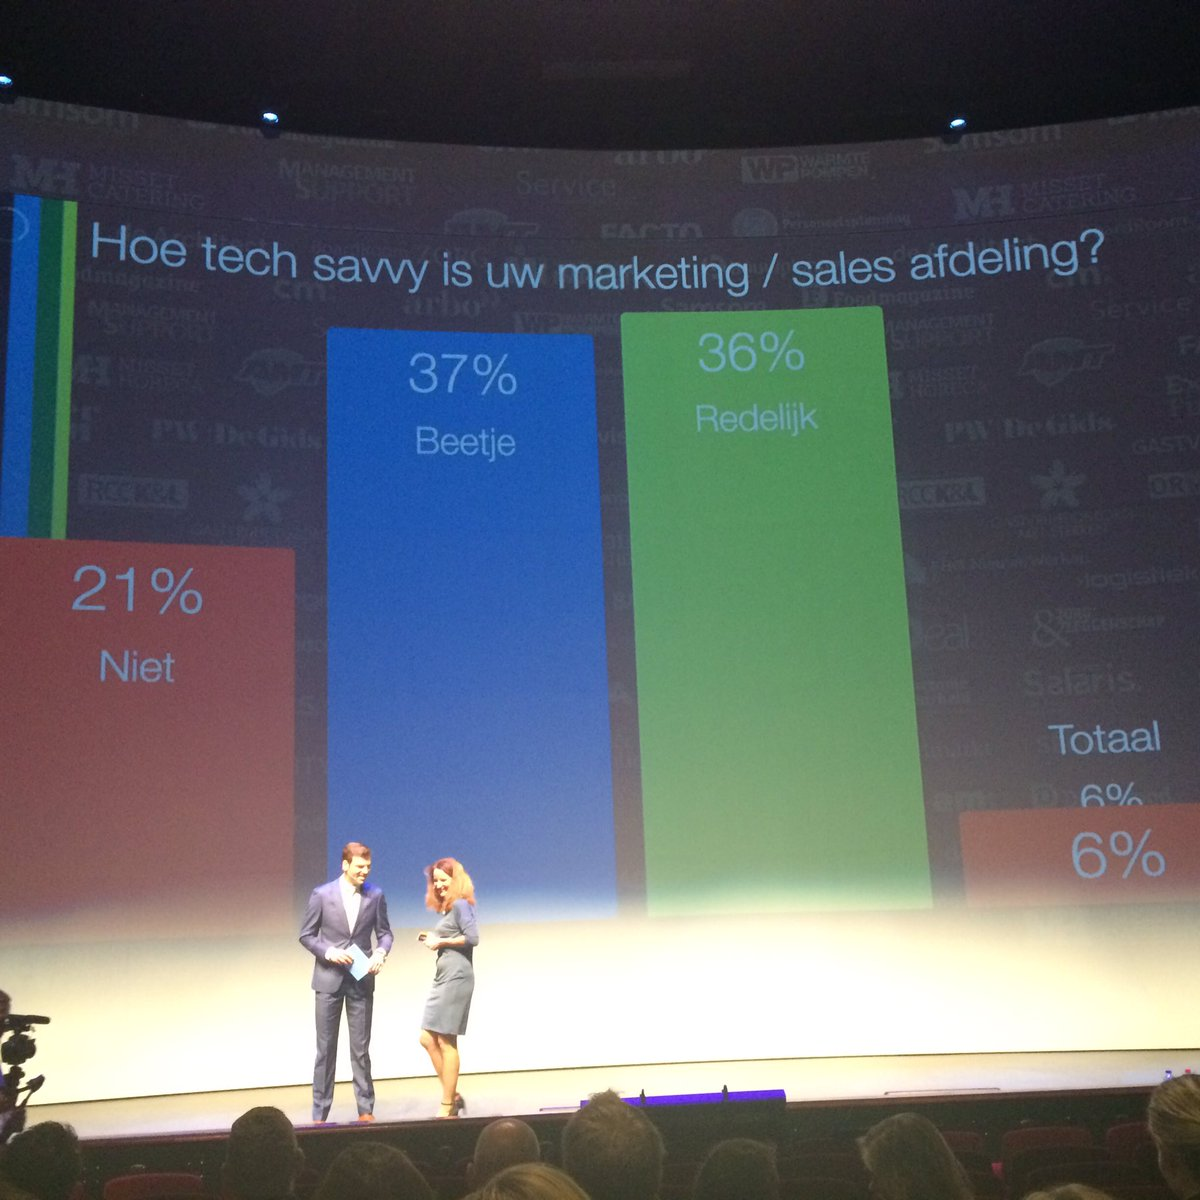 Marketeers moeten veel meer tech worden. Op dit moment vindt de zaal (meer dan 500 adv) dat t niet zo is. #B2BME https://t.co/KmQffnPnWU